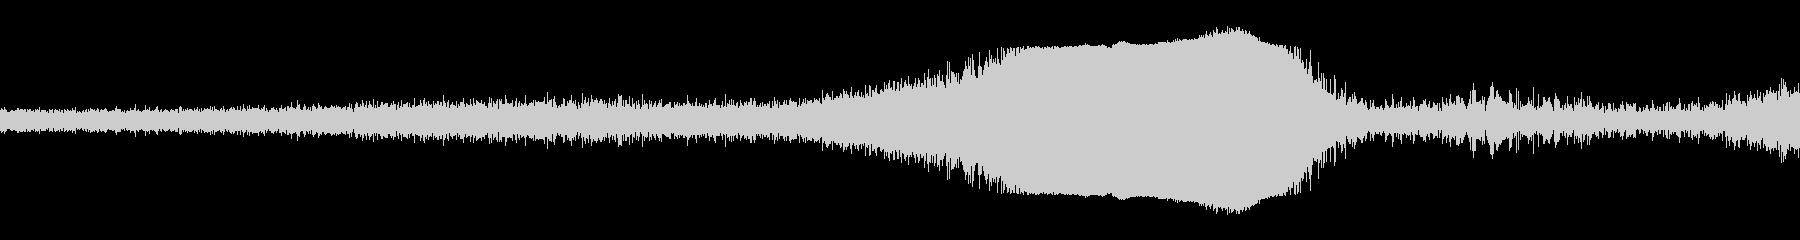 ジェットパスジャンボbの未再生の波形